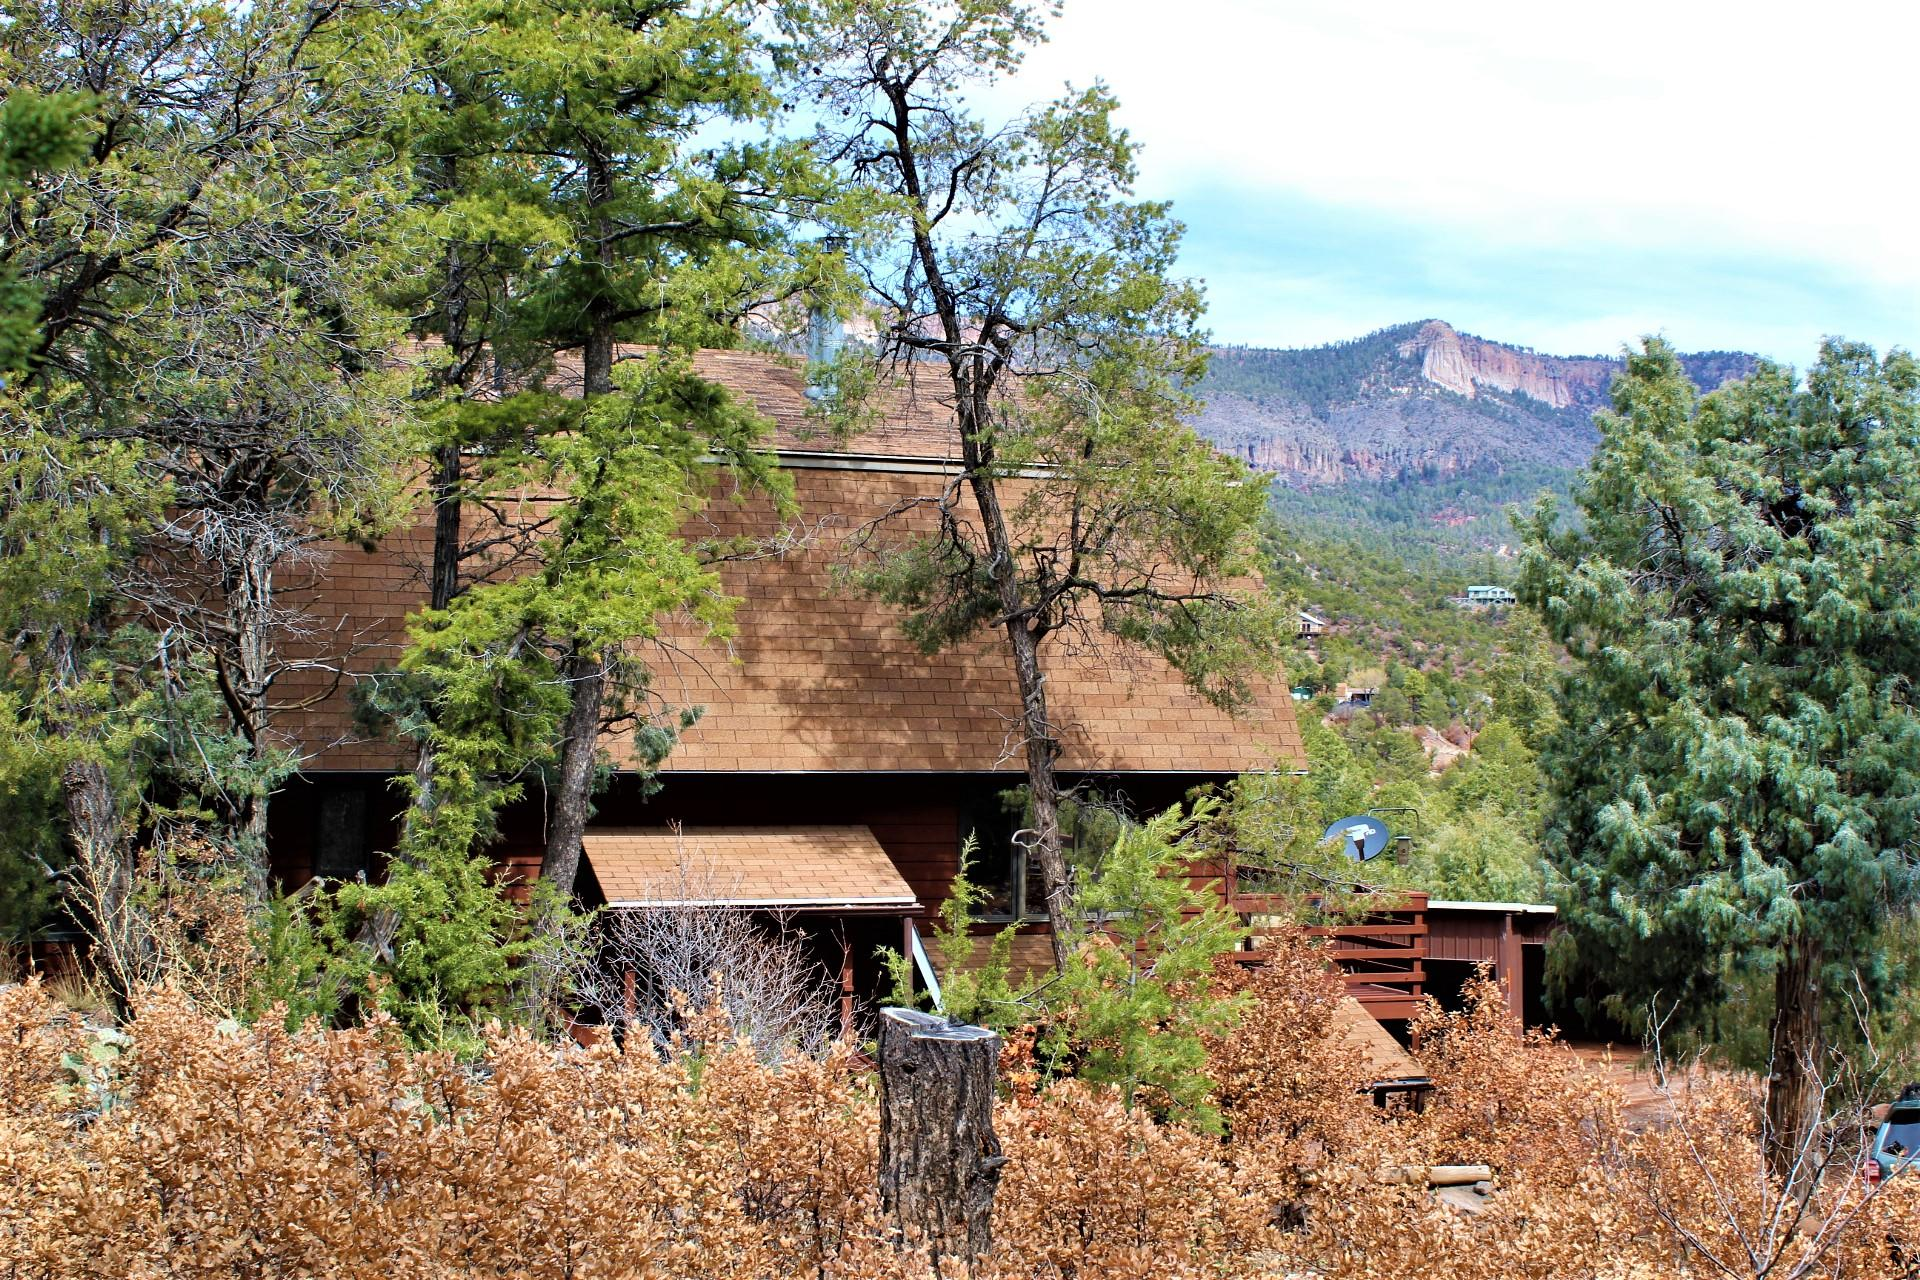 760 SAN DIEGO Loop, Jemez Springs, NM 87025 - Jemez Springs, NM real estate listing